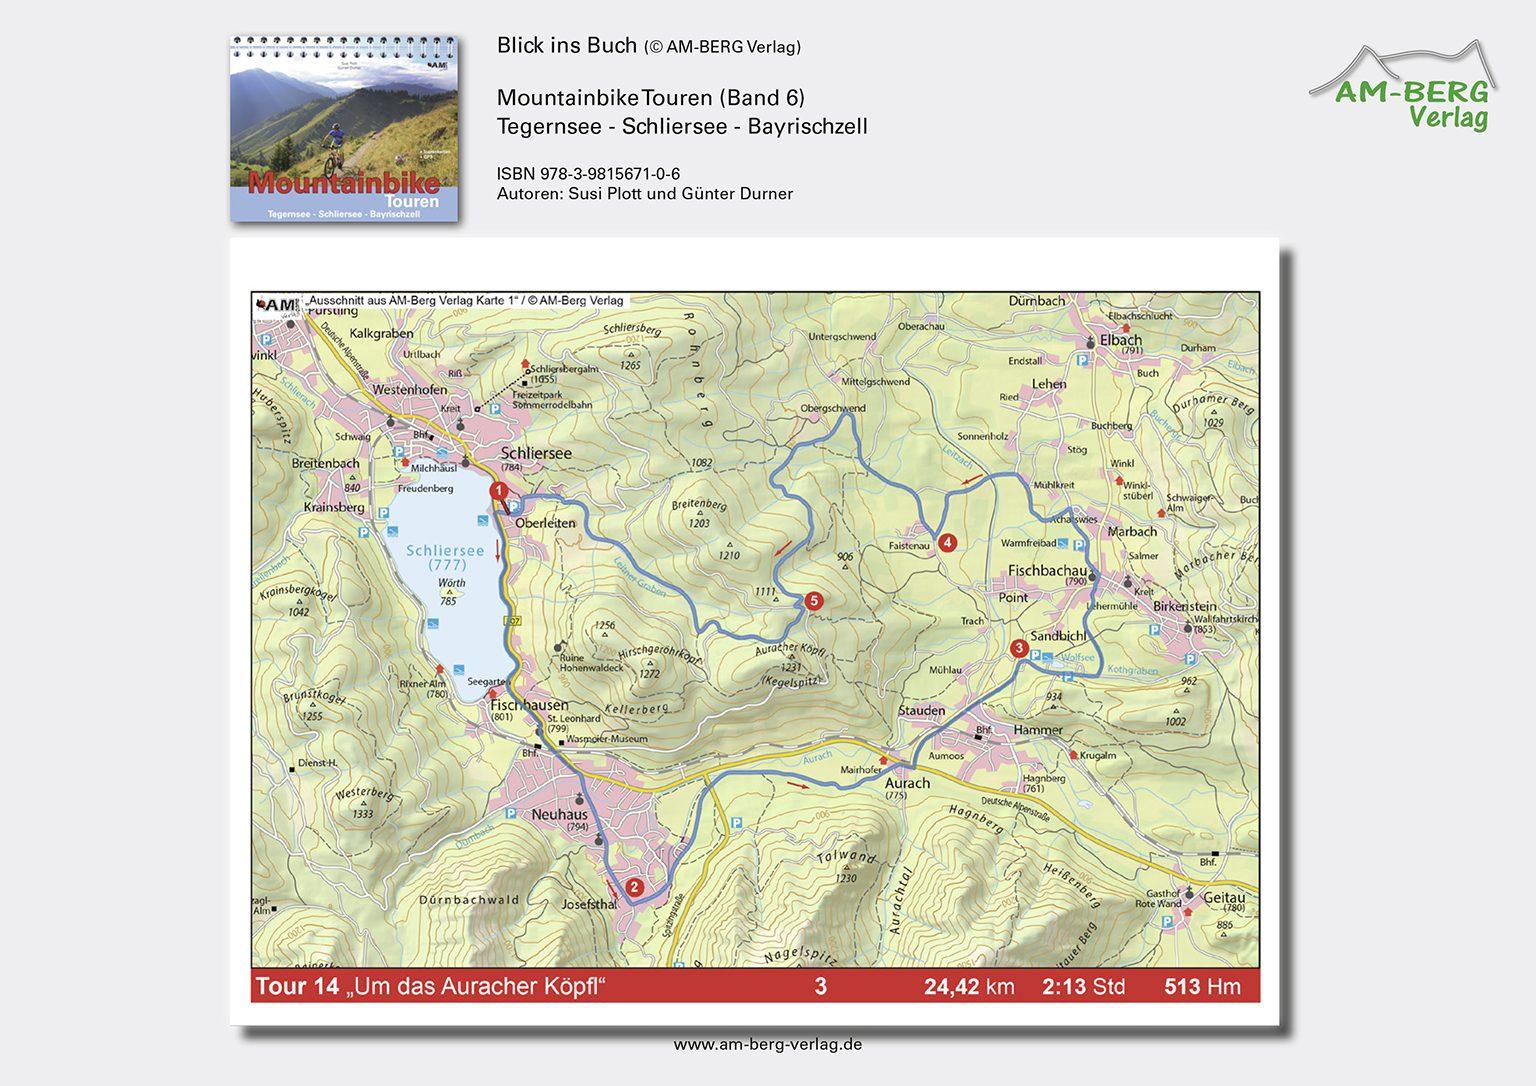 Mountainbike Touren Tegernsee-Schliersee-Bayrischzell (Band 6)_BlickinsBuch8